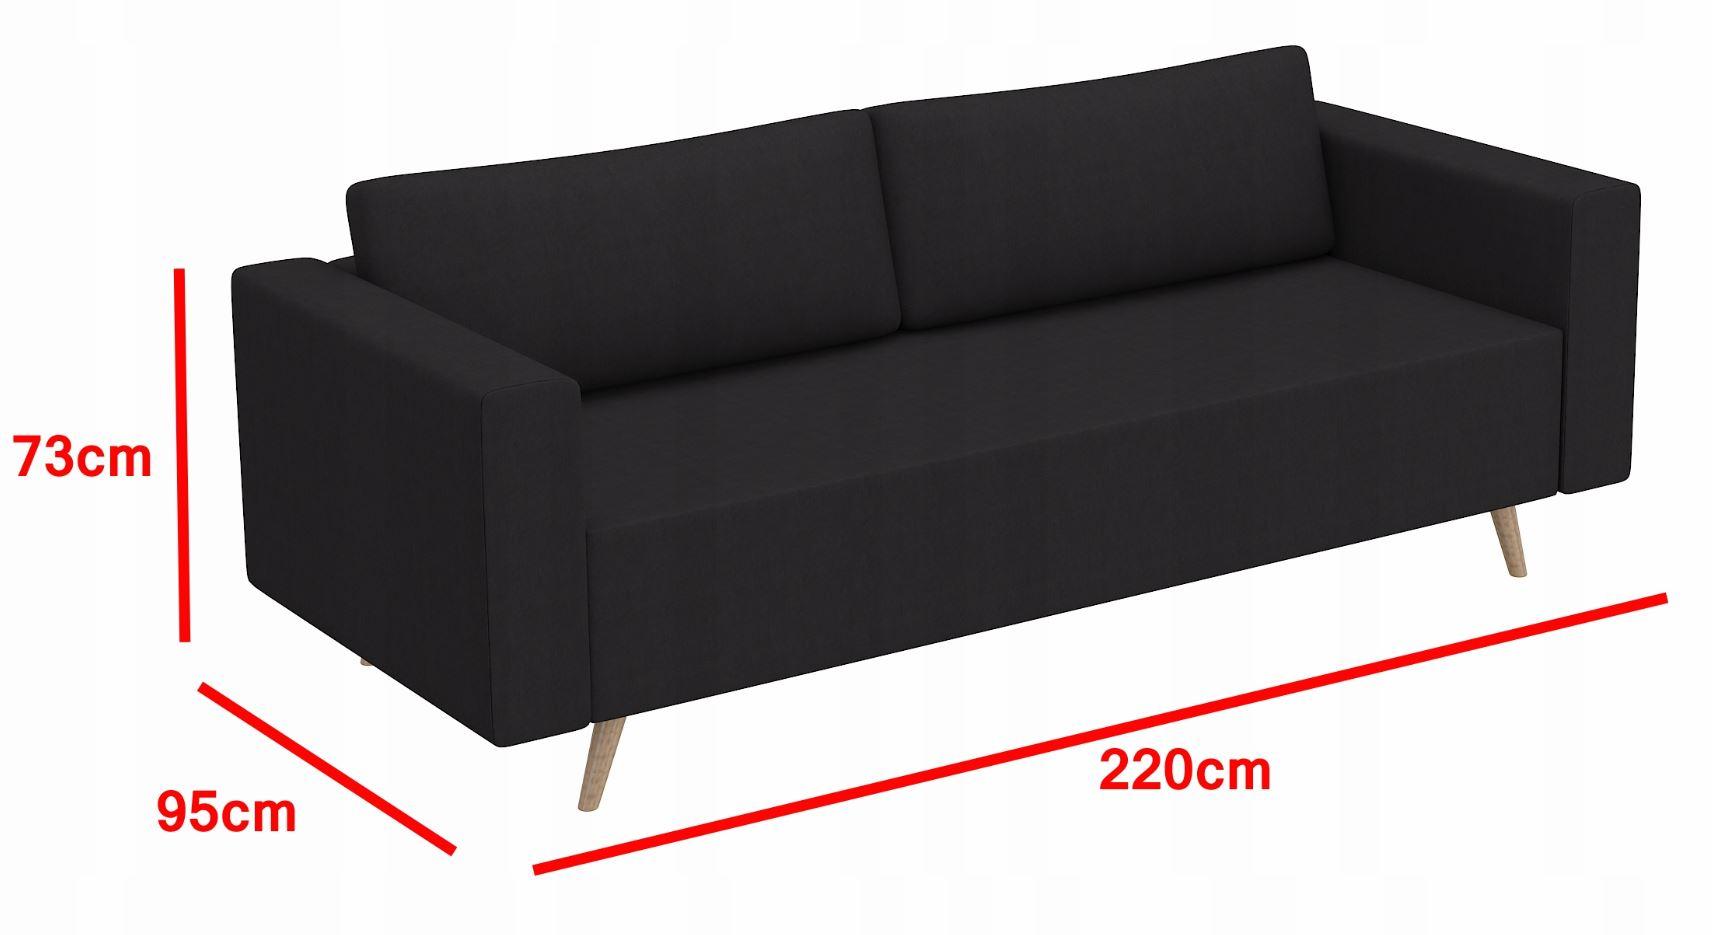 Cudowna Sofa kanapa rozkładana NORBI ST wersalka - Allmeblo BX56